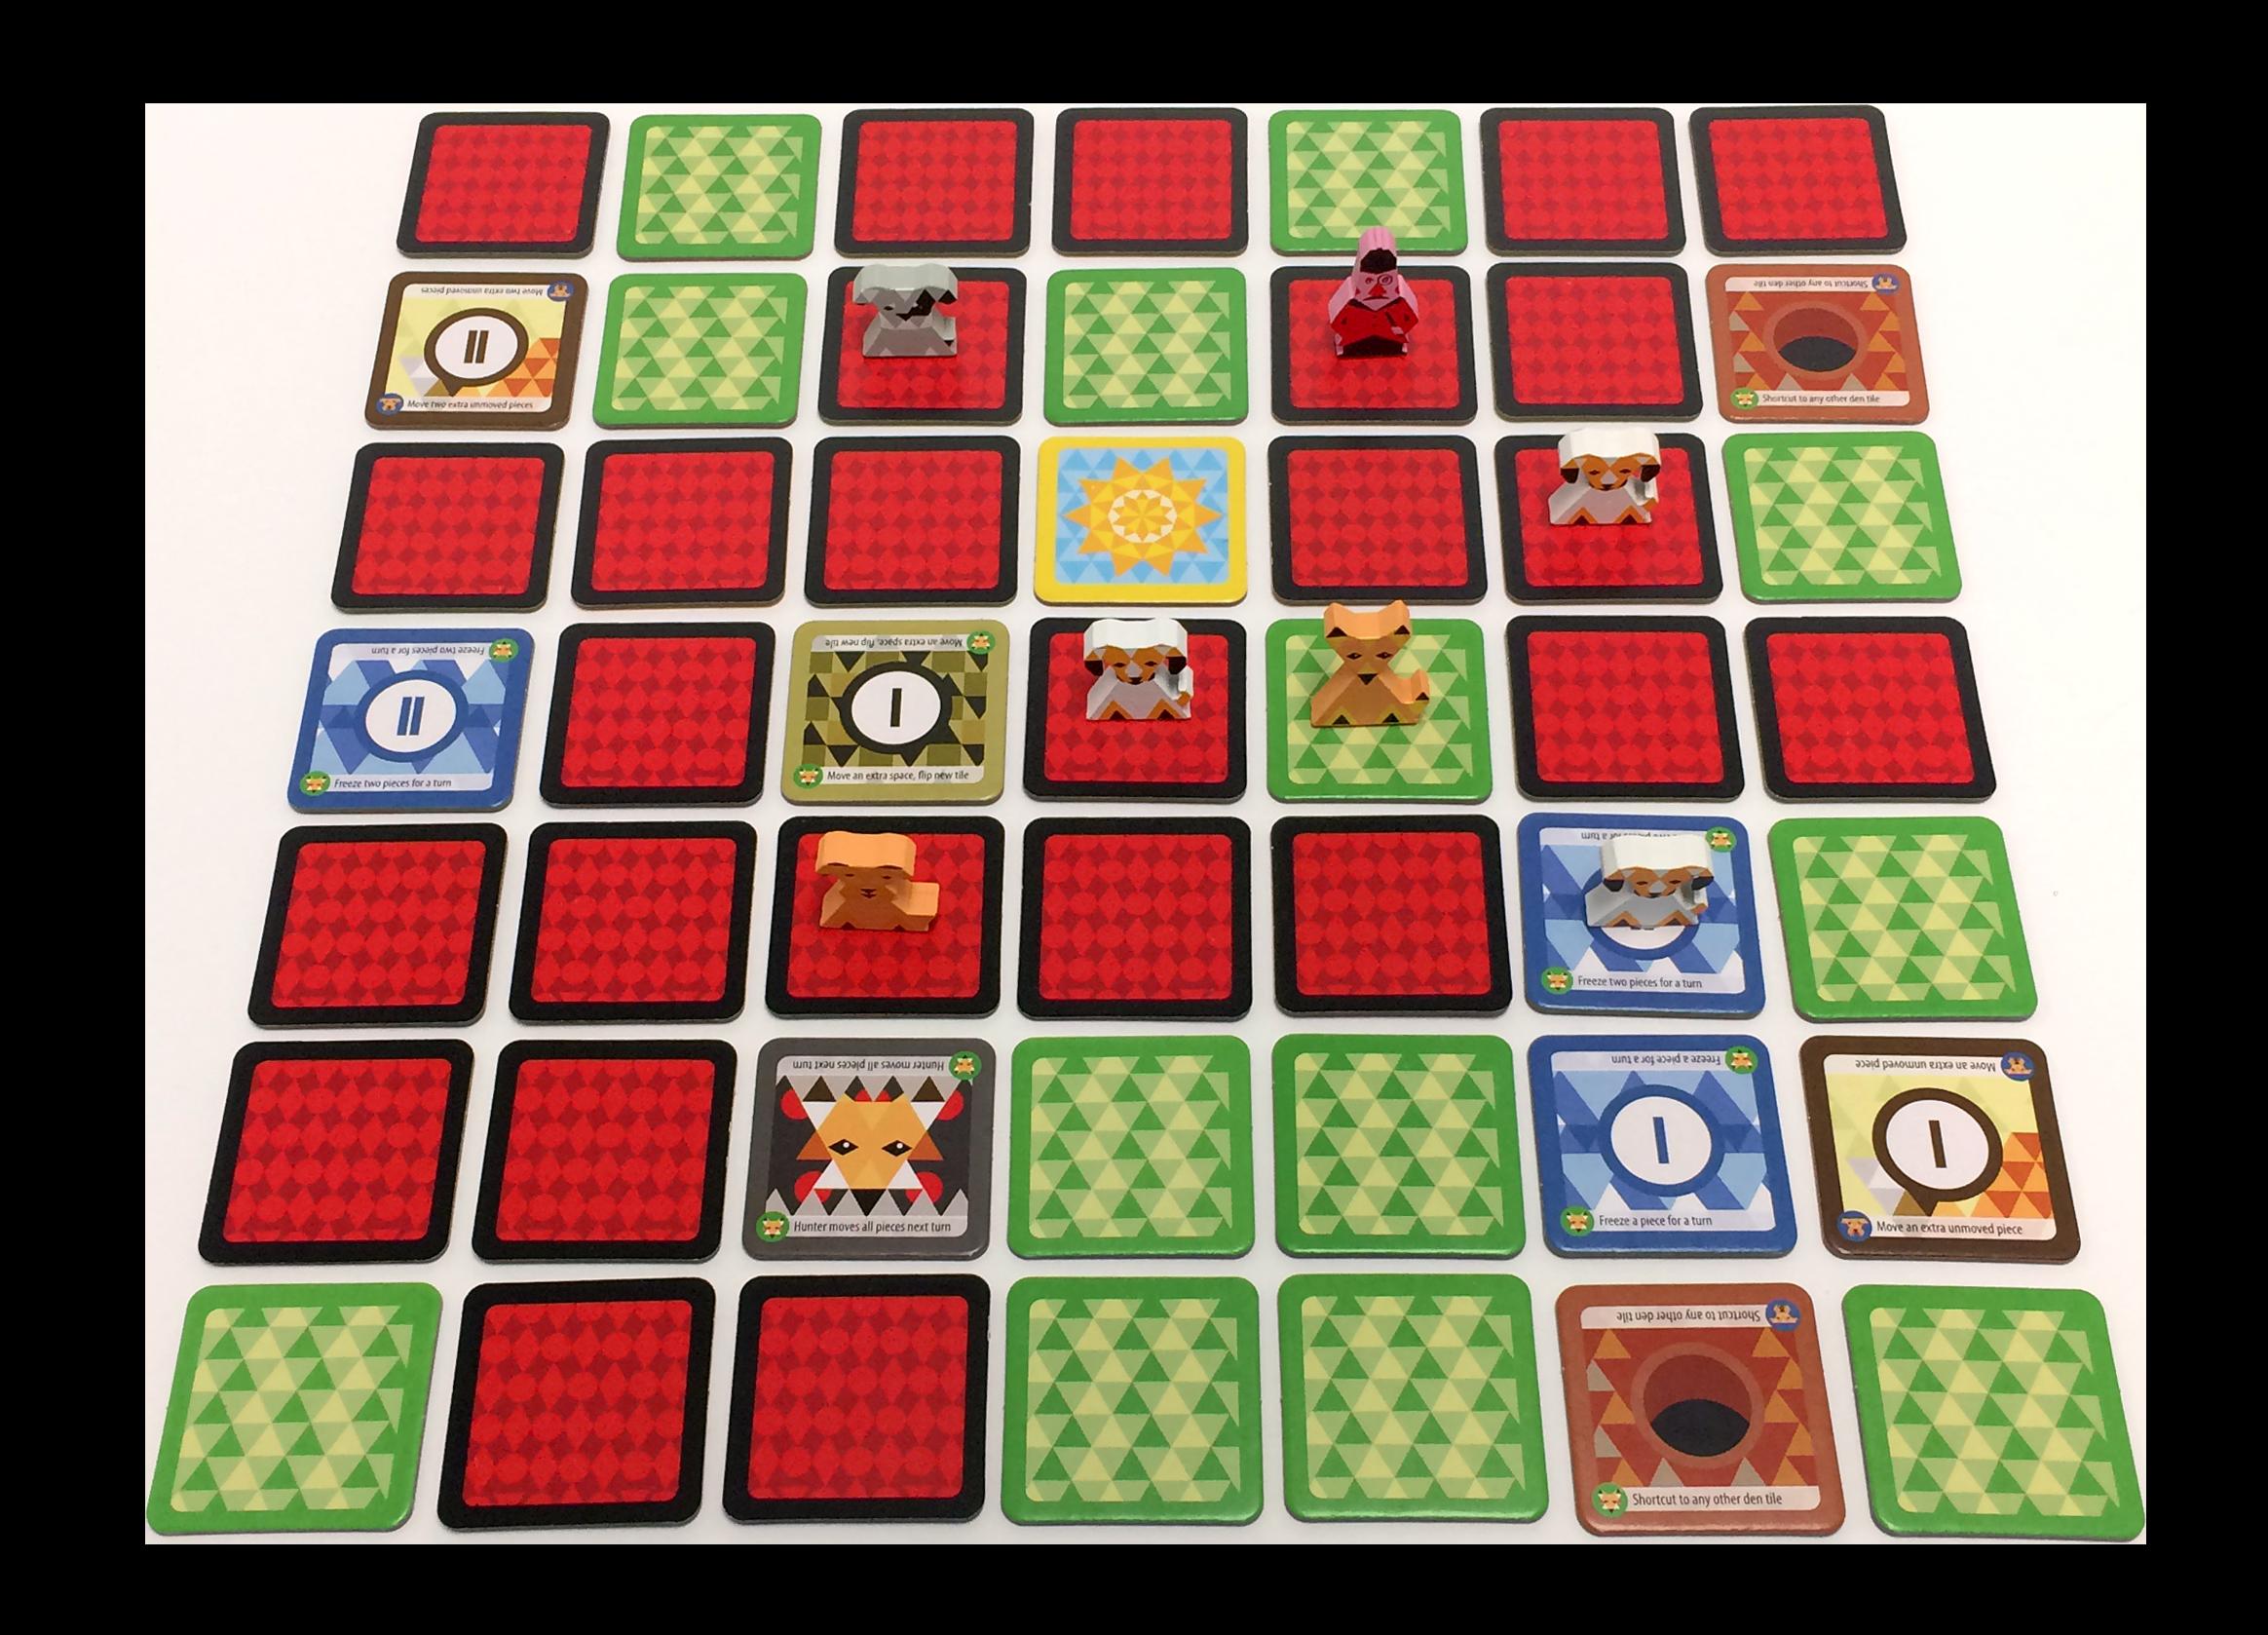 Gameboardtop